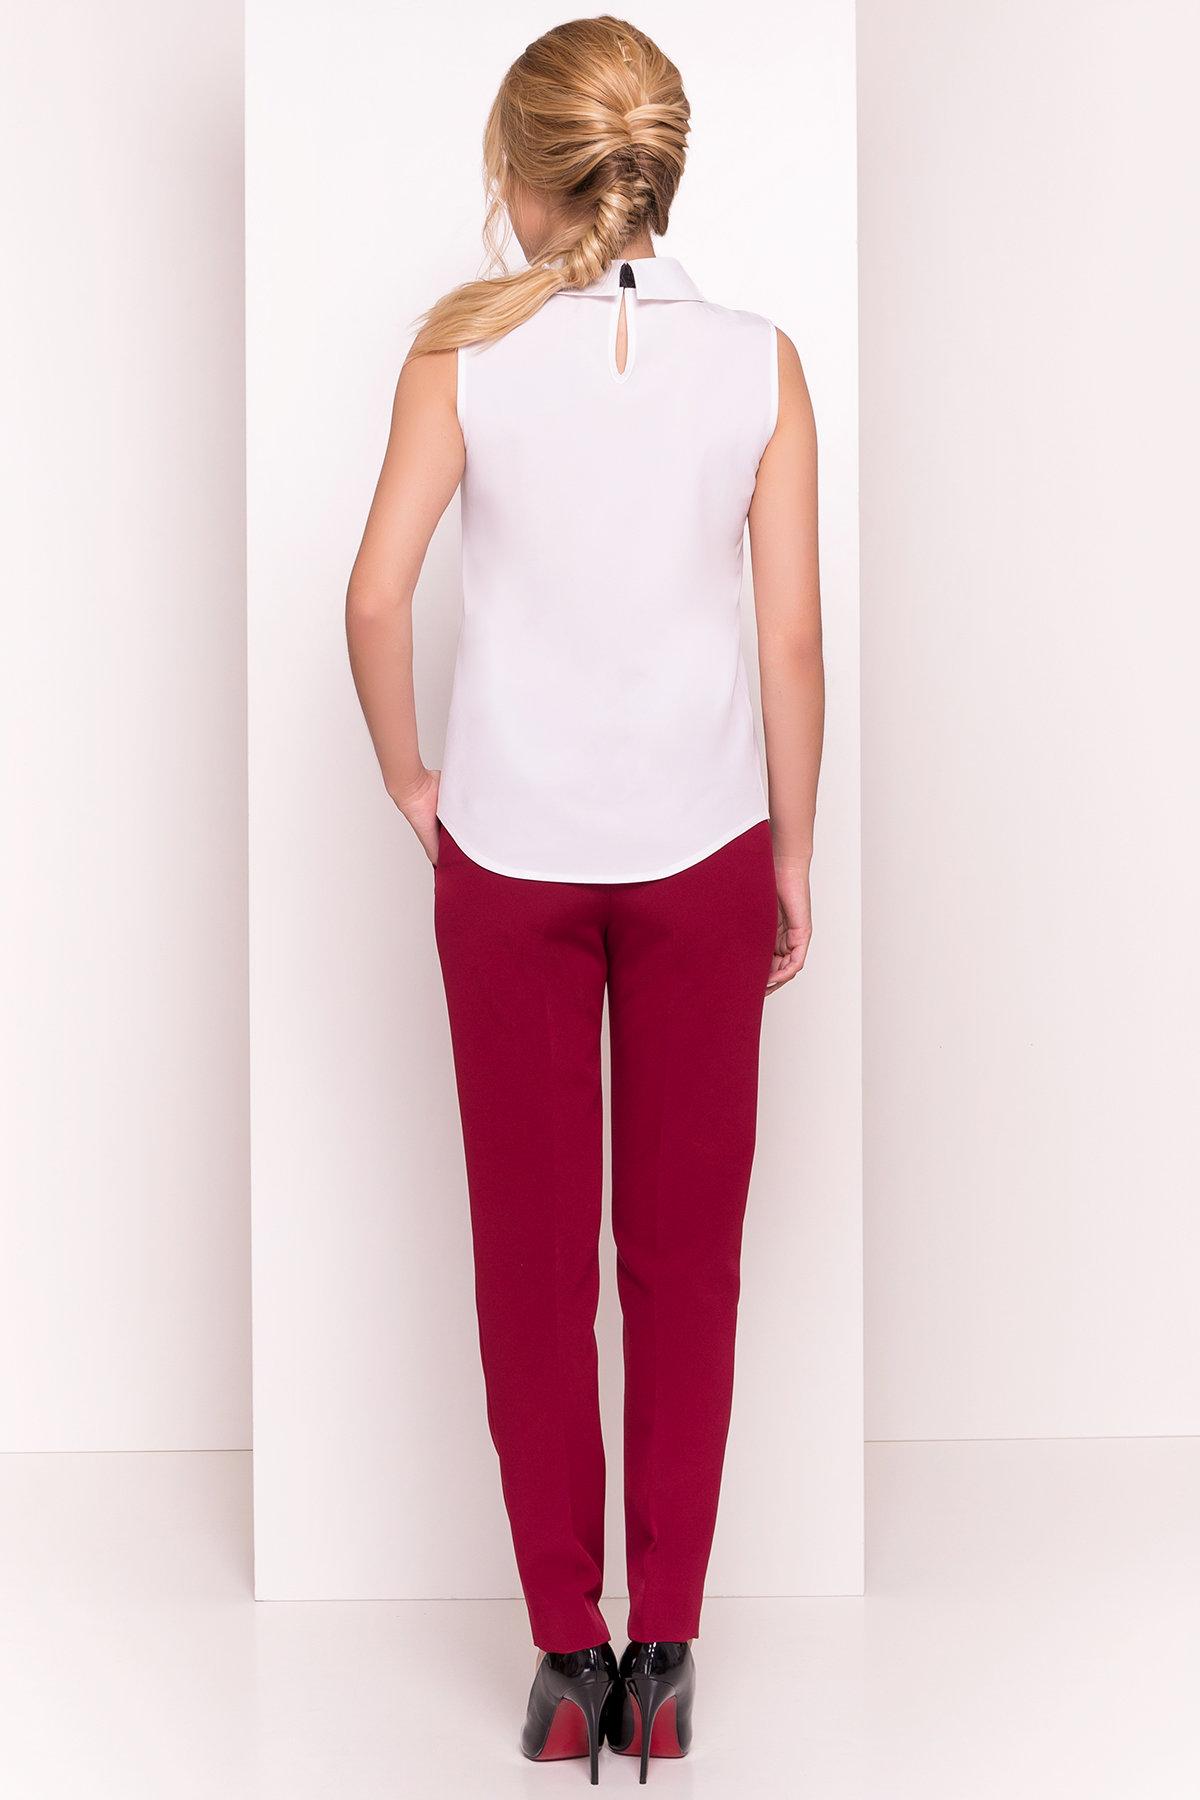 Блузка с вертикальной вставкой Мурия 5220 АРТ. 36304 Цвет: Белый - фото 5, интернет магазин tm-modus.ru